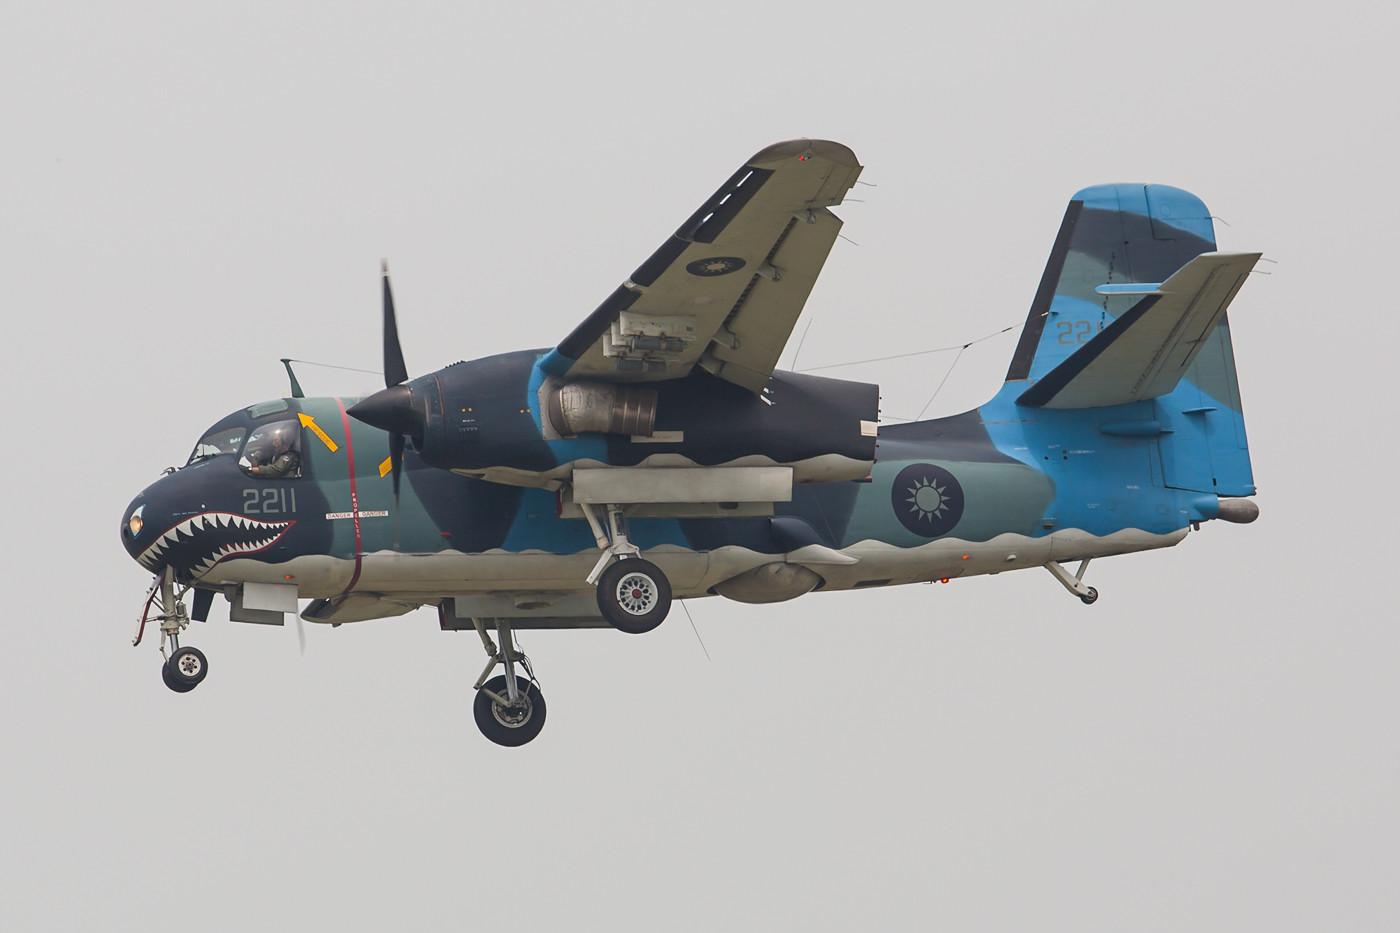 Mittlerweile sehr selten geworden sind die S-2T Tracker von Grumman. Heute gehören die Maschinen der Air Force, beschafft wurden sie jedoch einst für die Marine.